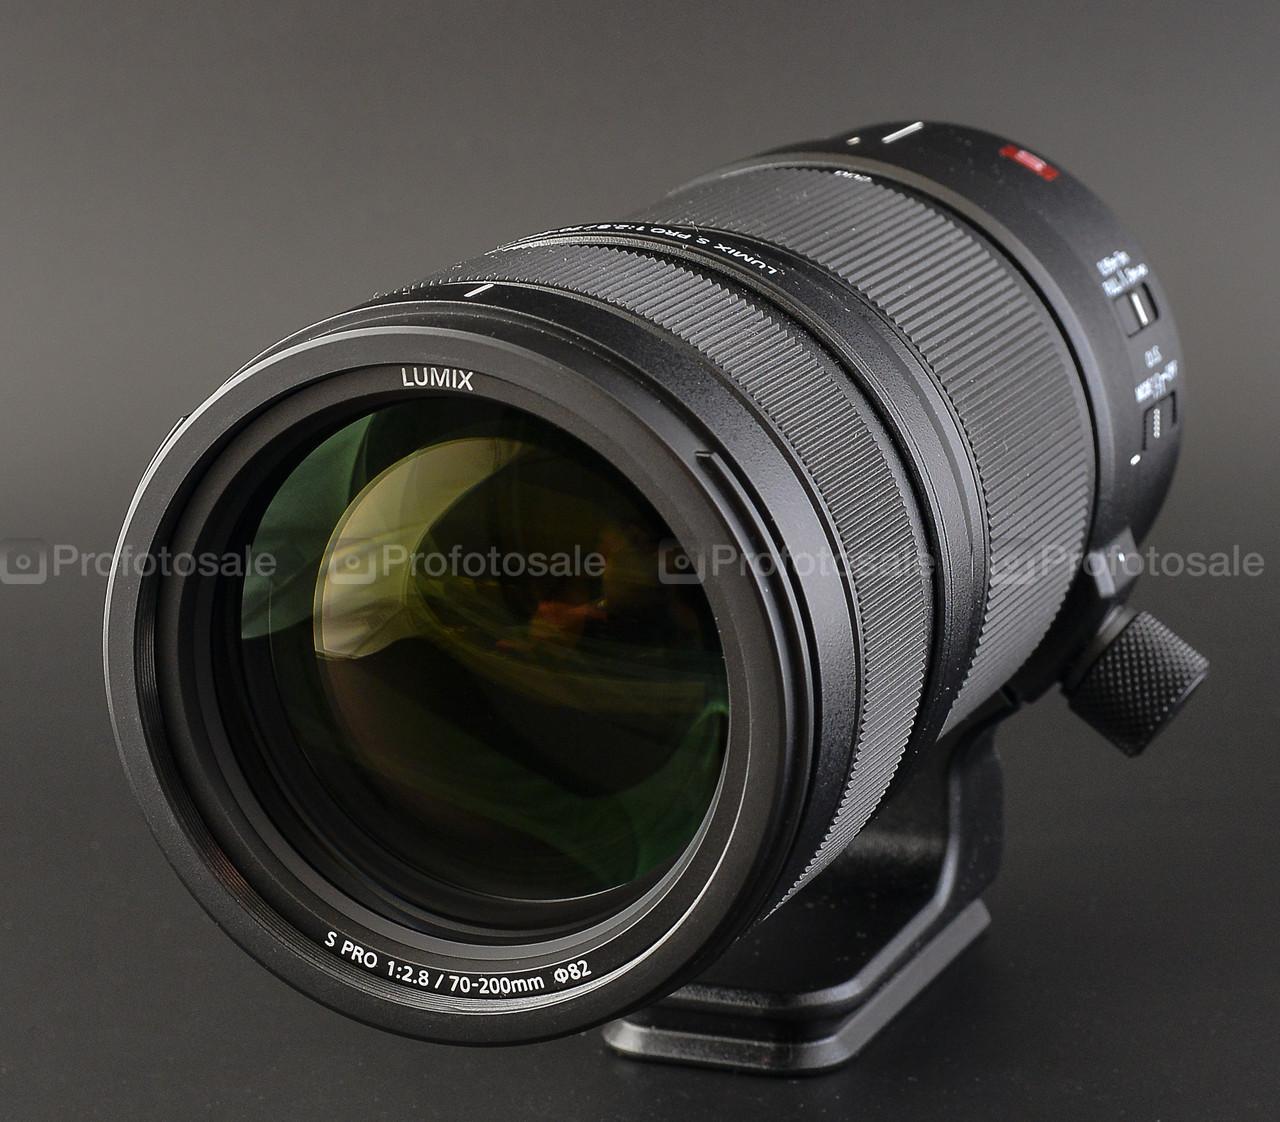 Об'єктив Panasonic Lumix S PRO 70-200mm f/2.8 O. I. S.